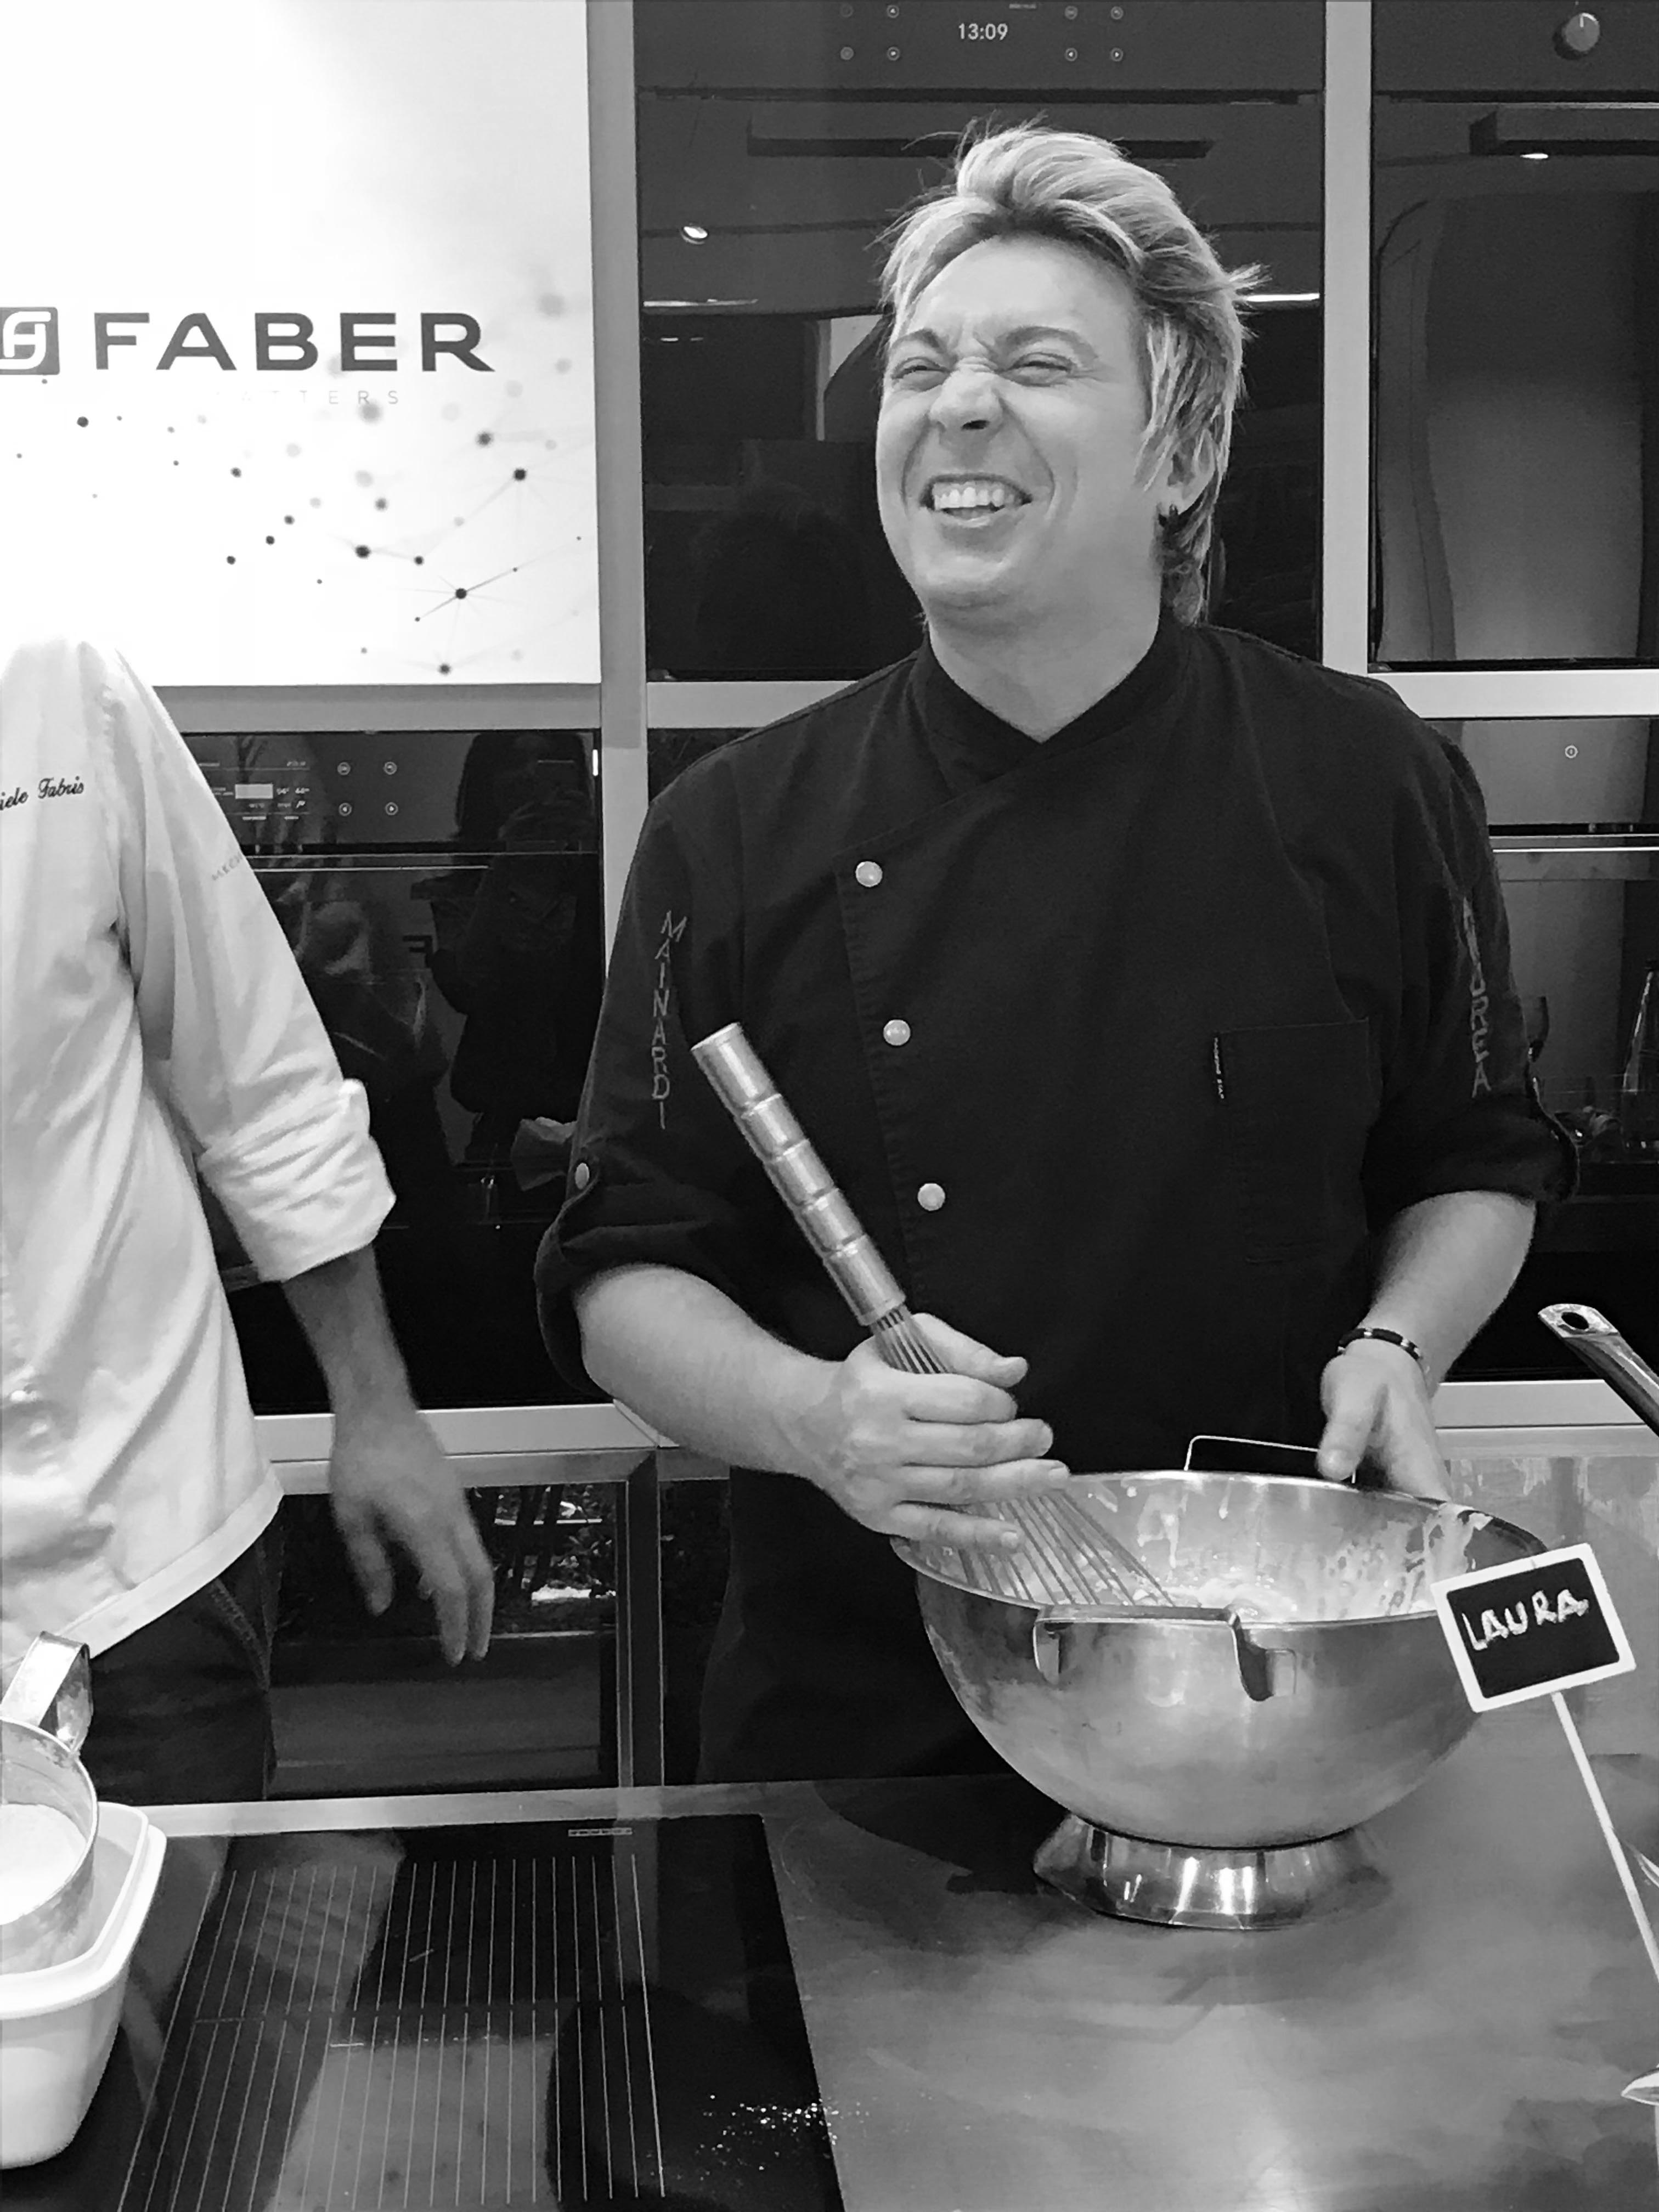 Cappe da cucina Faber